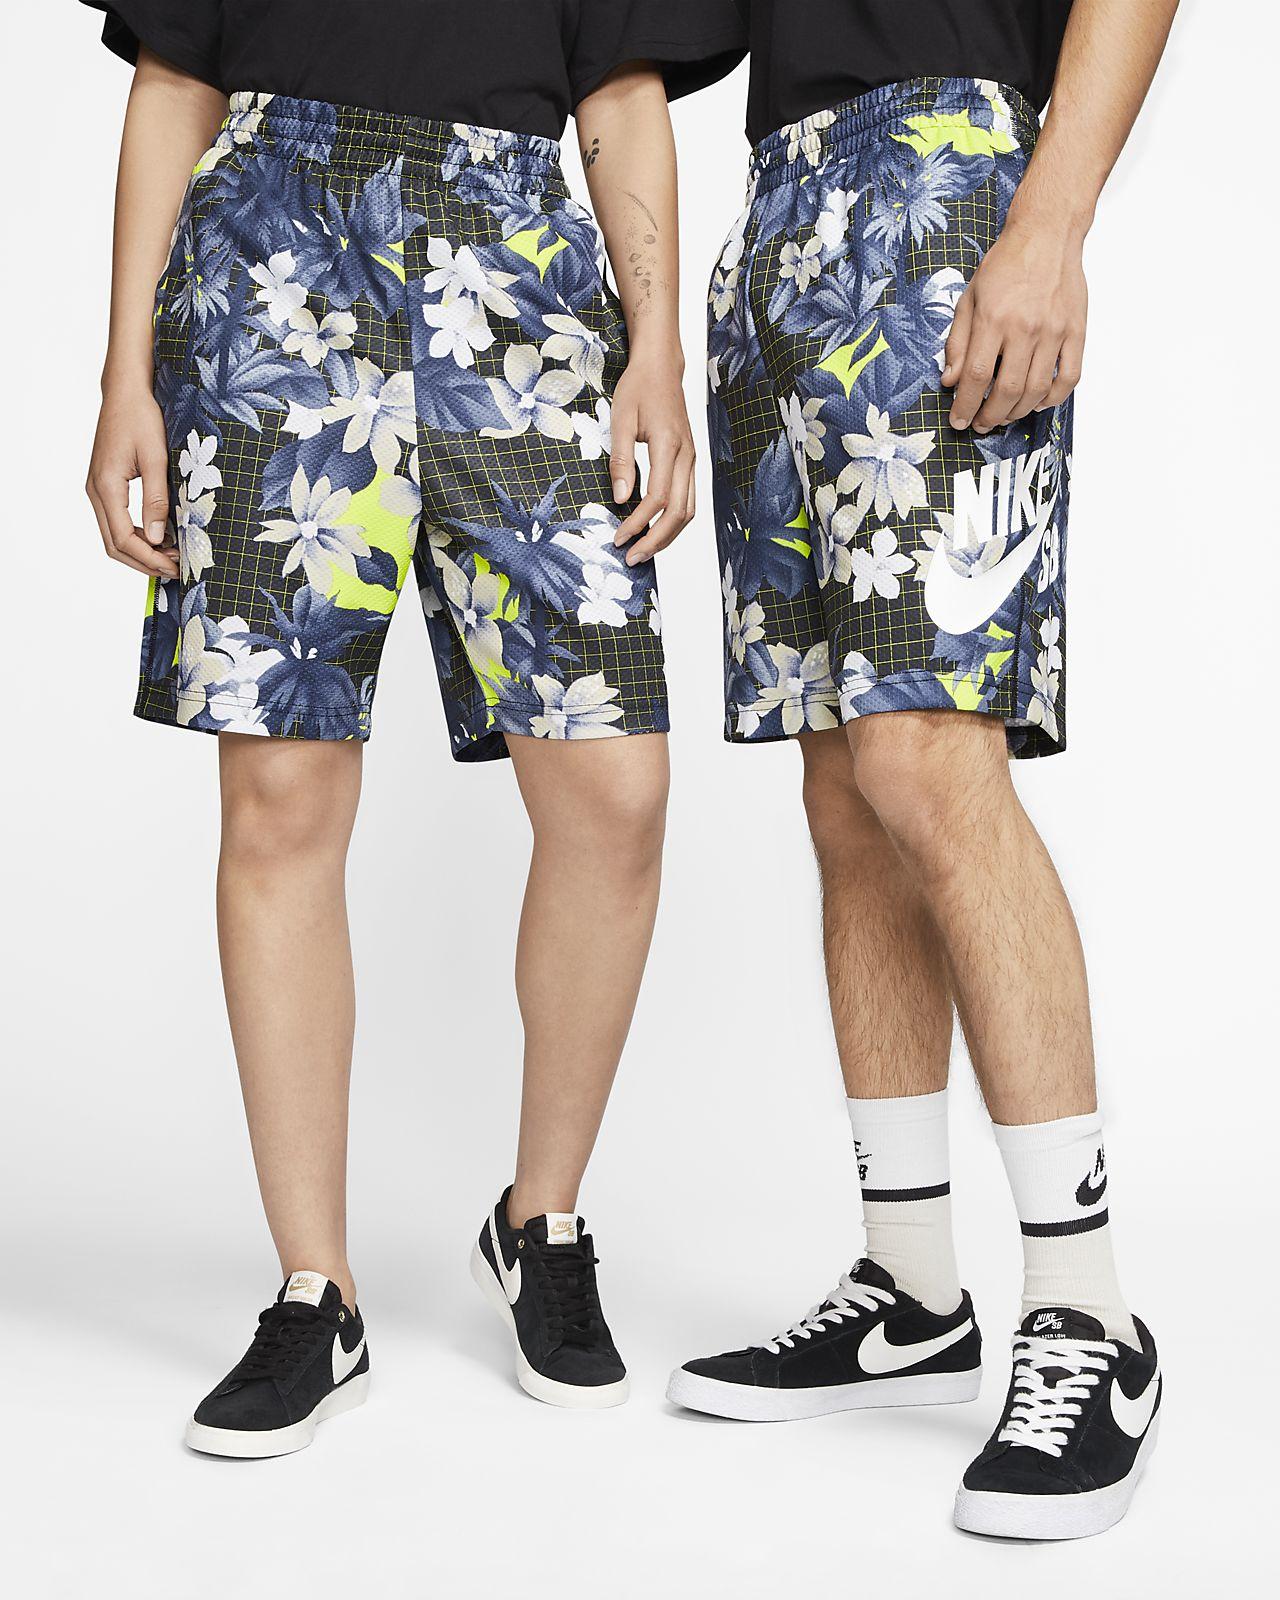 Nike SB Sunday Men's Skate Shorts